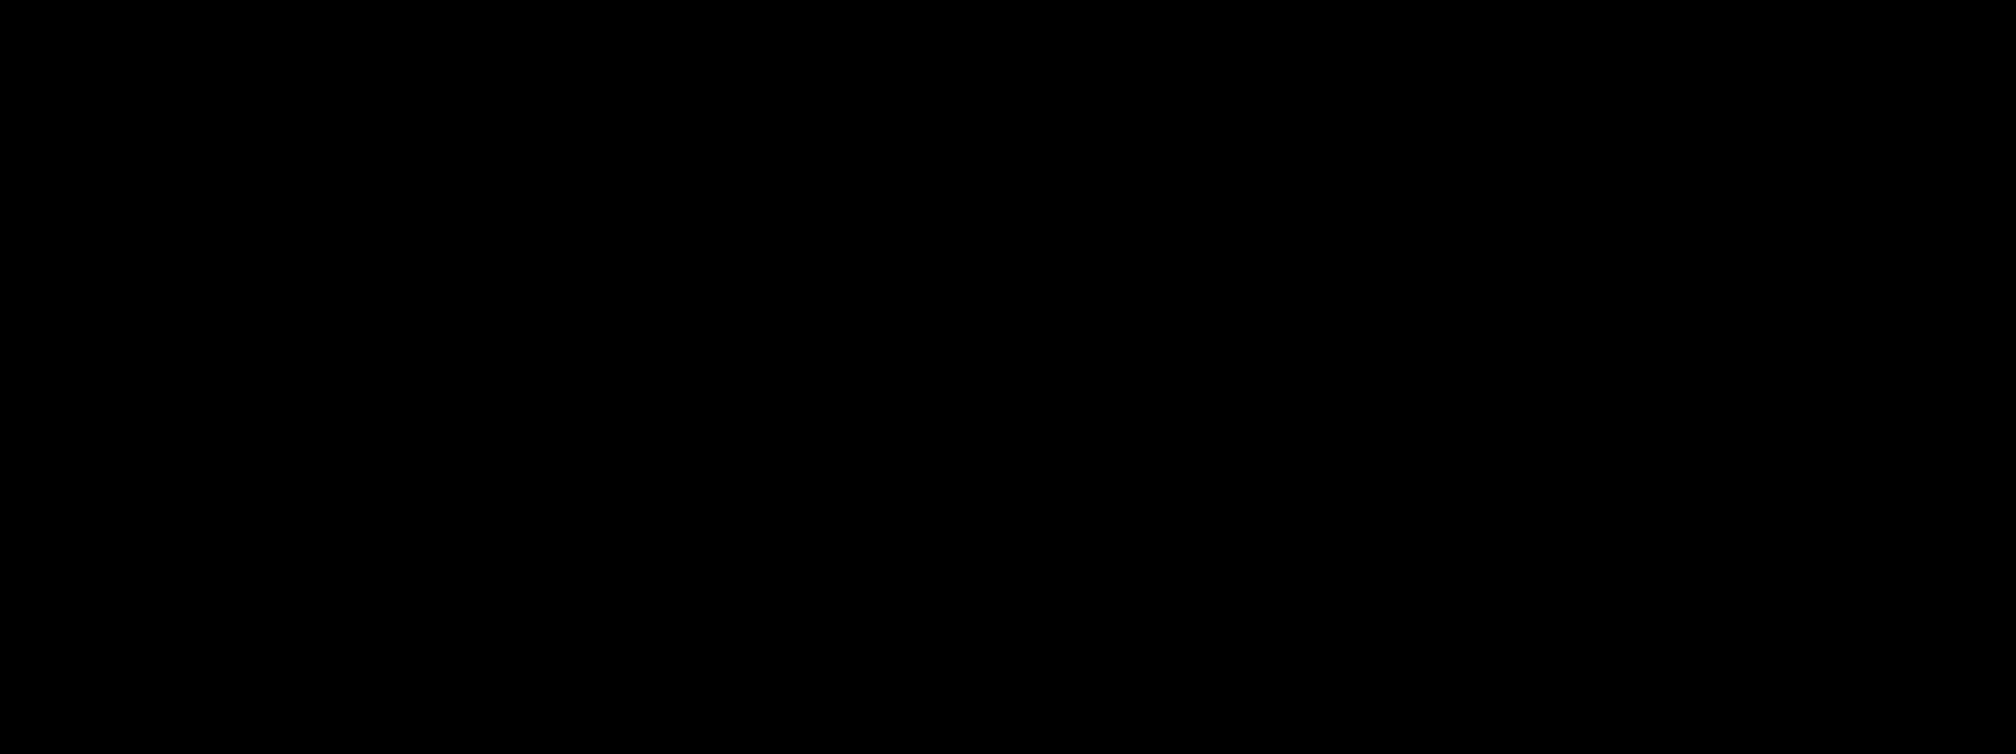 """Konferencja Kominiarska w Rybniku Pierwsza Konferencja Kominiarska w Rybniku """"Ekologia i bezpieczeństwo w trakcie sezonu grzewczego - walka z niską emisją""""  za nami."""